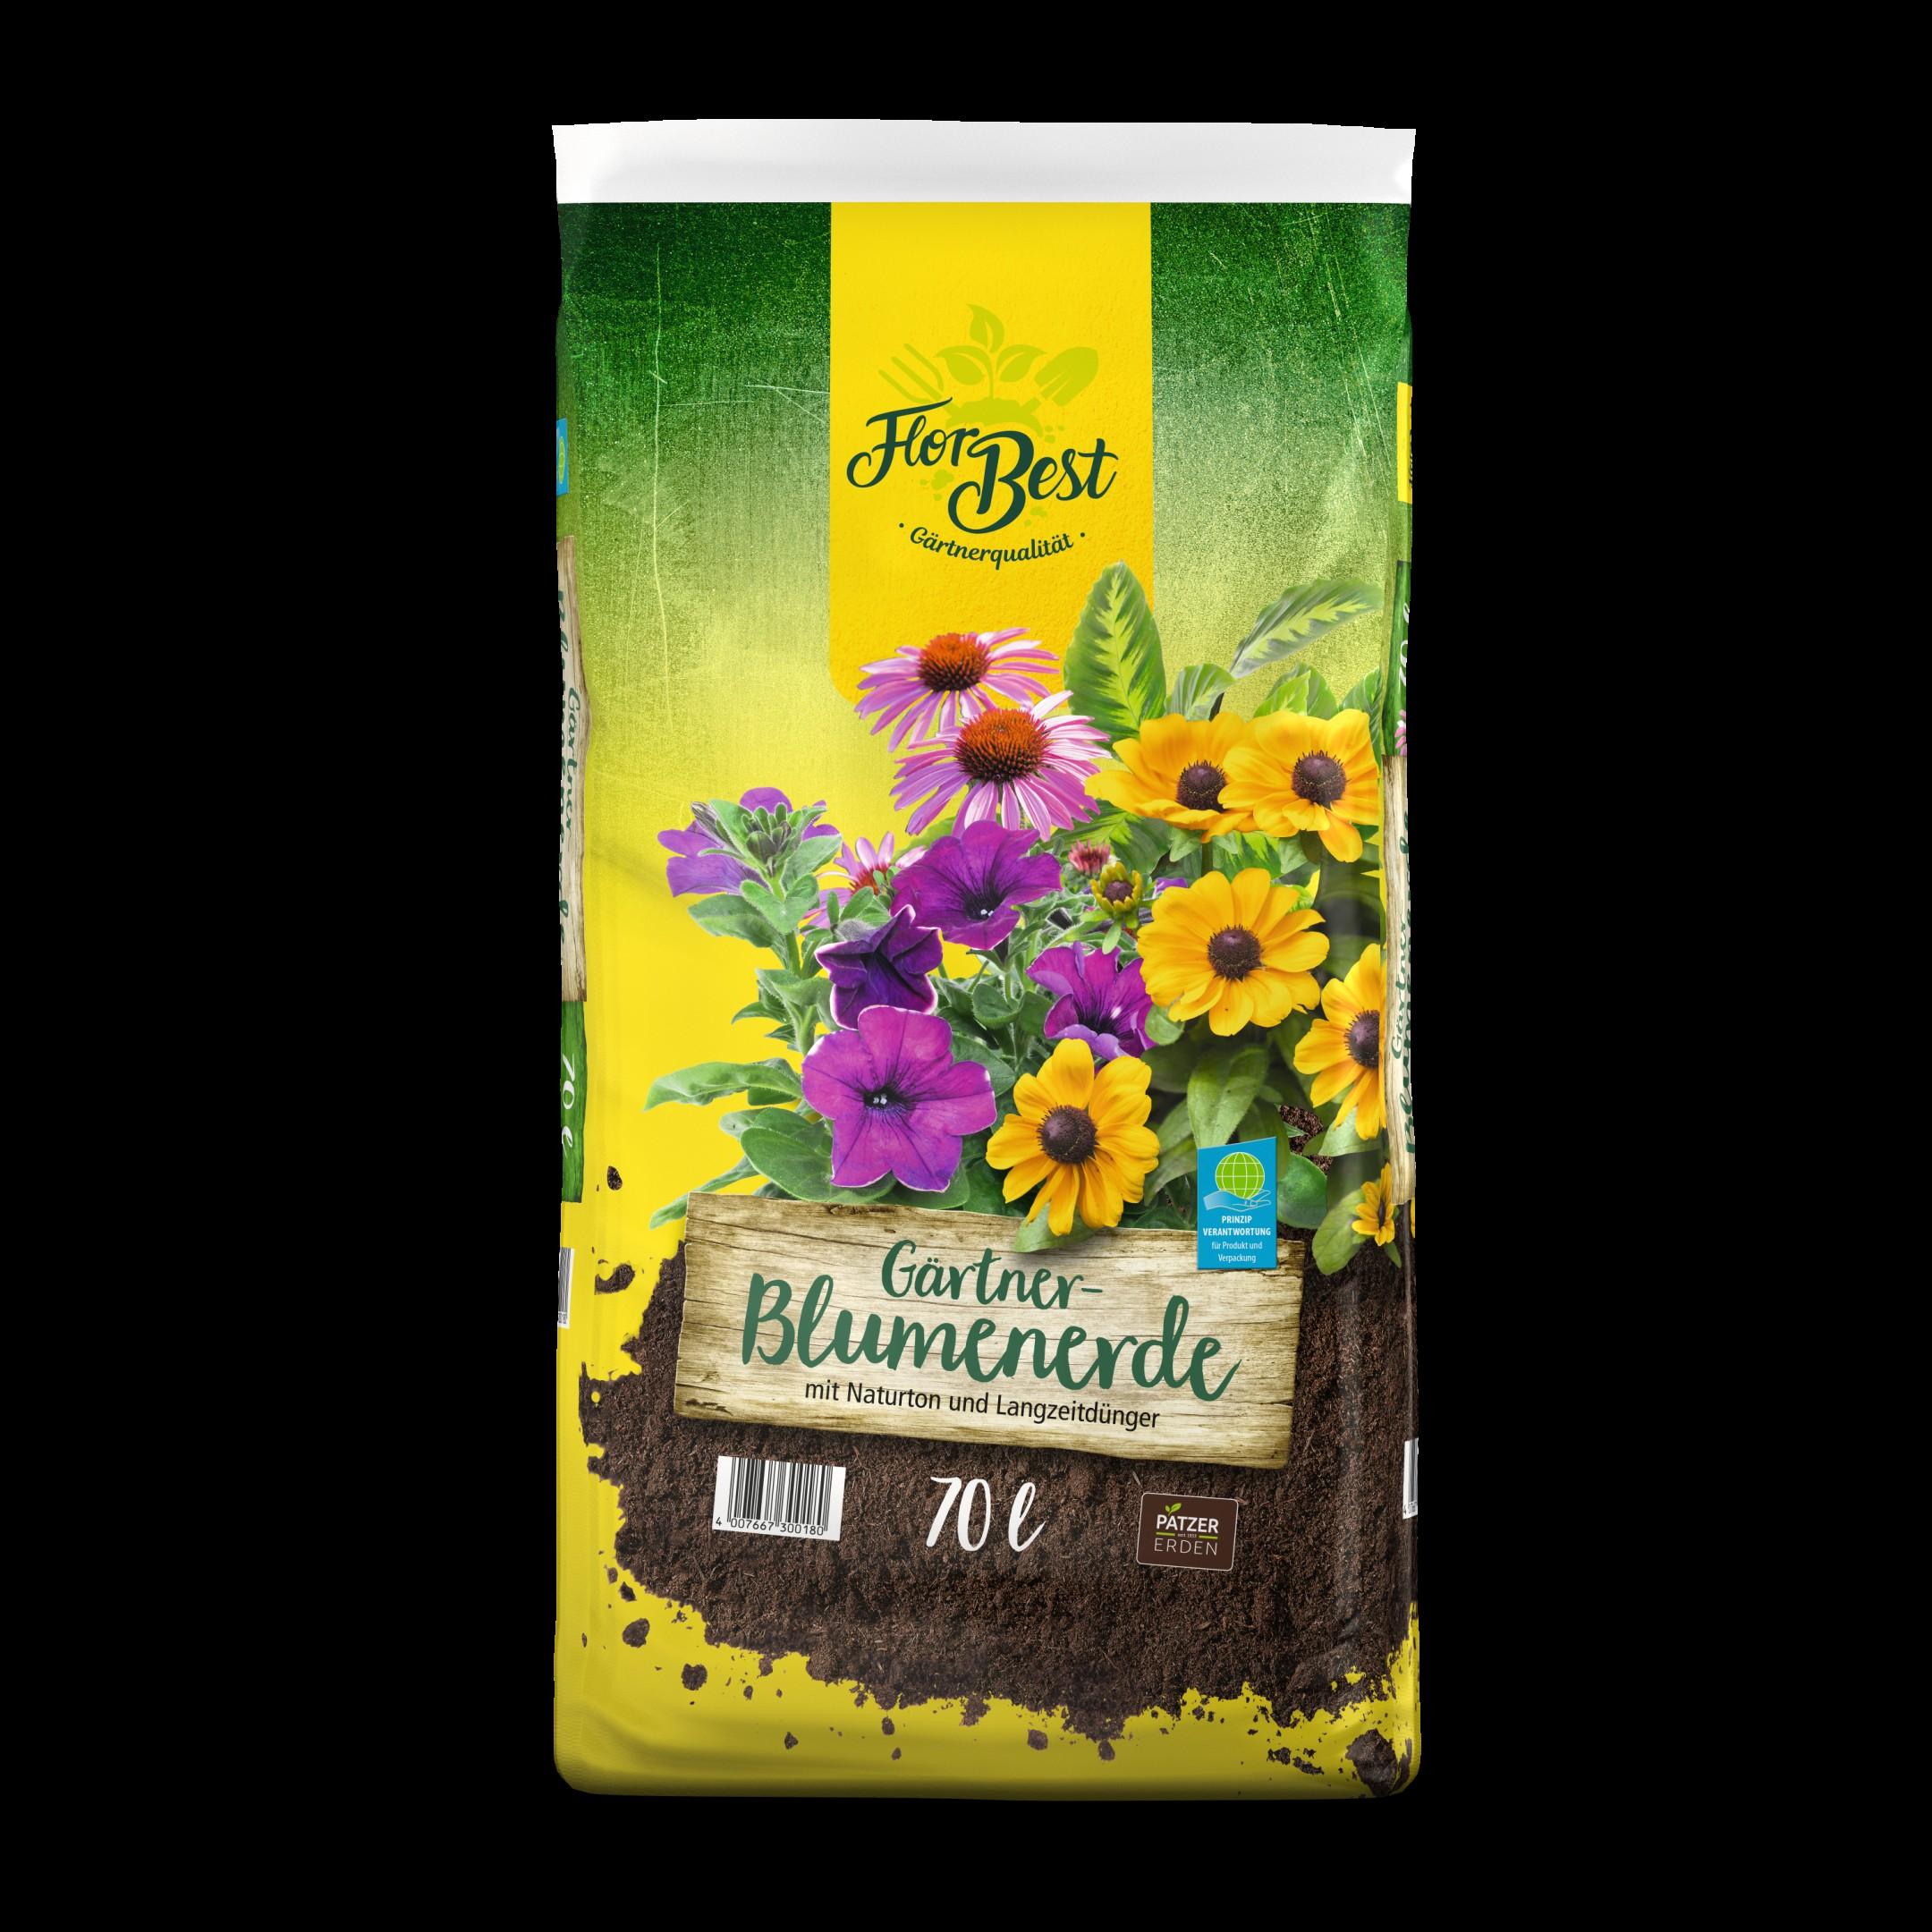 Florbest Blumenerde 70l Bild 1